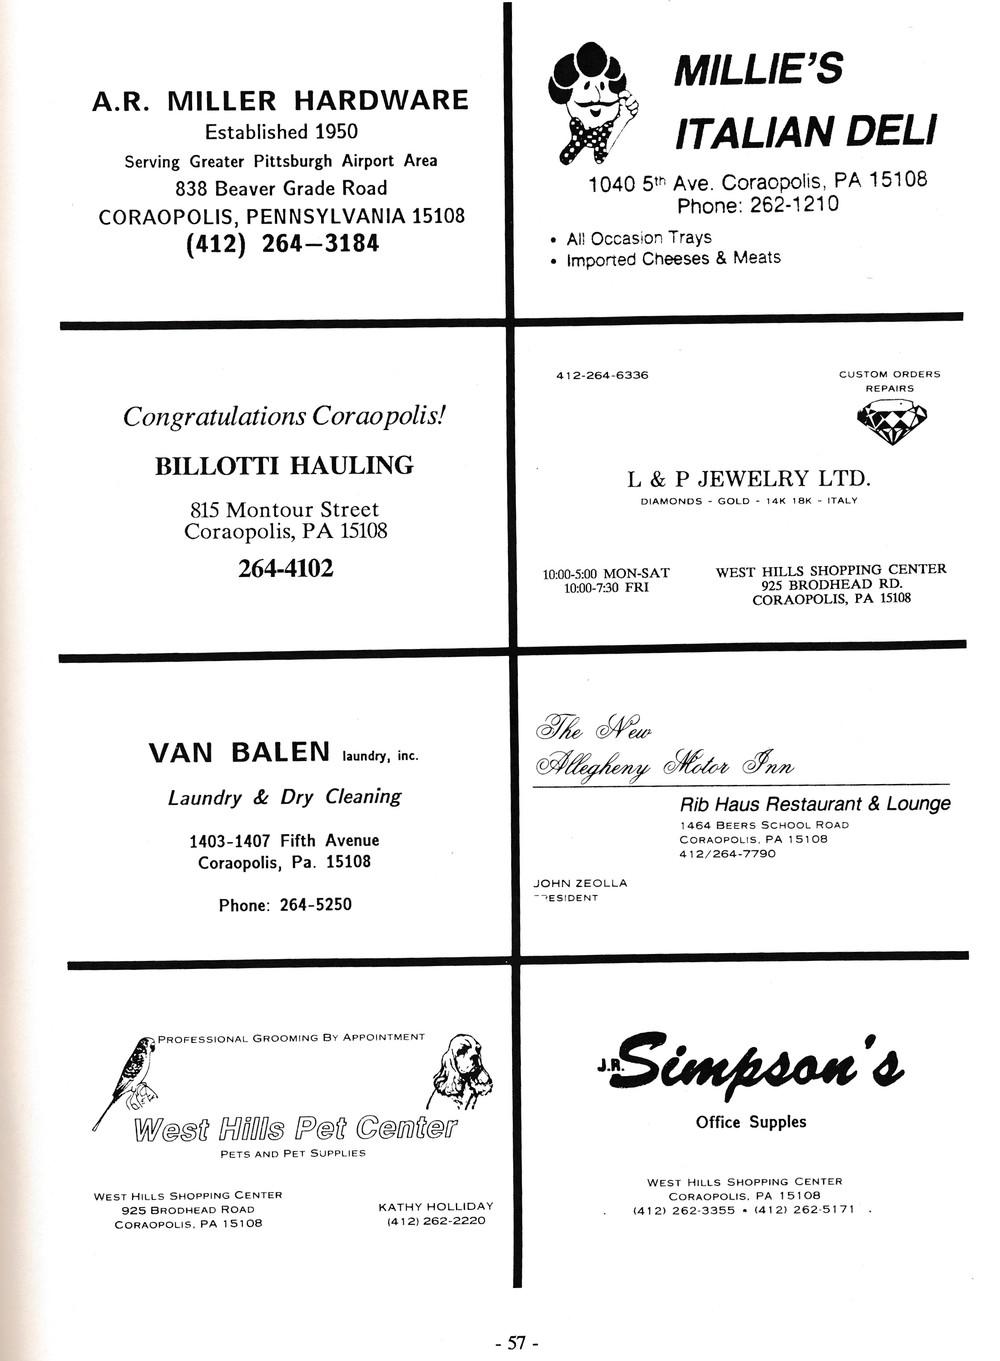 Coraopolis Centennial Booklet (55).jpg